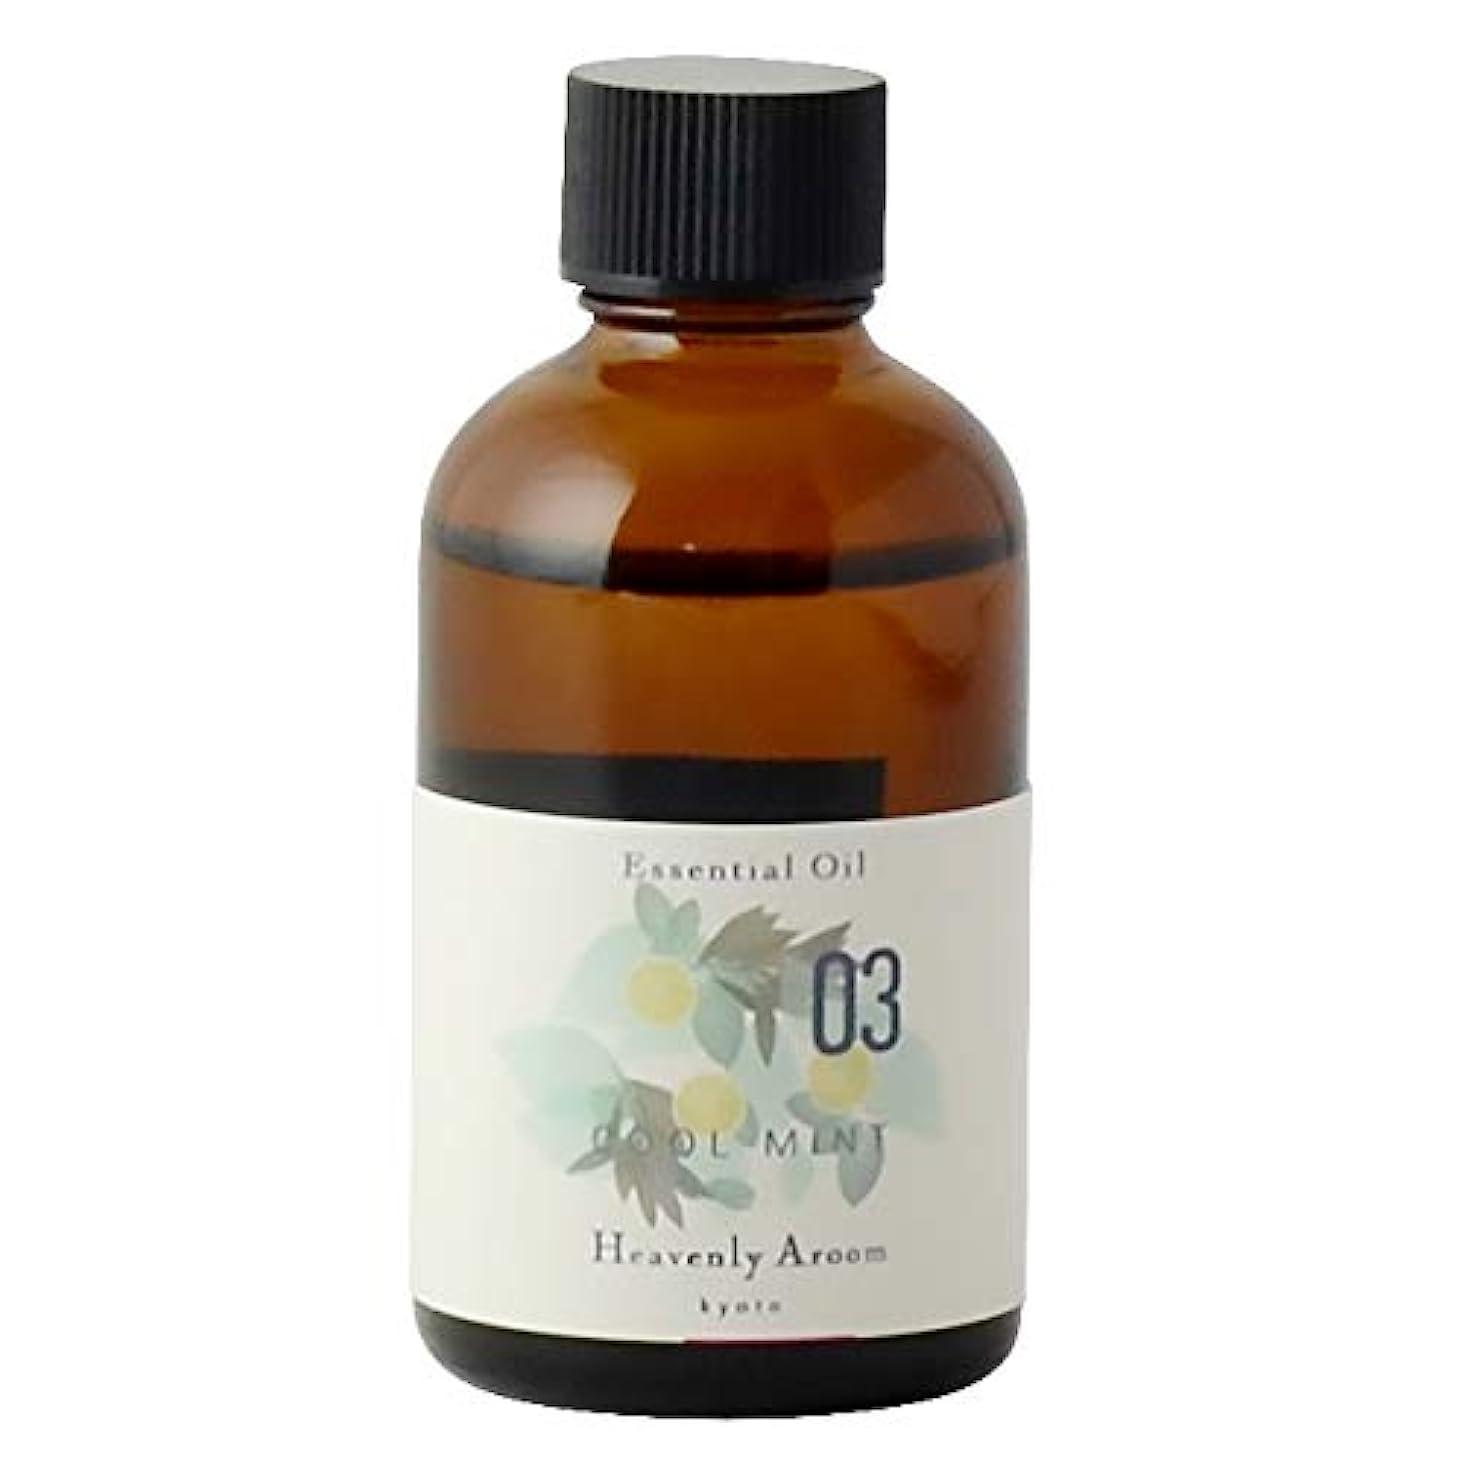 ふつうヒロインいくつかのHeavenly Aroom エッセンシャルオイル COOL MINT 03 グリーンミント 50ml